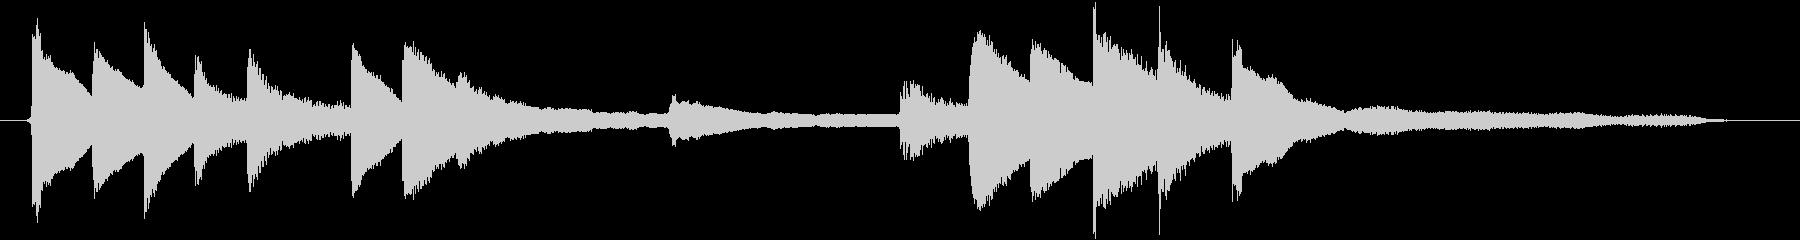 ピアノのジングル うるおいの未再生の波形